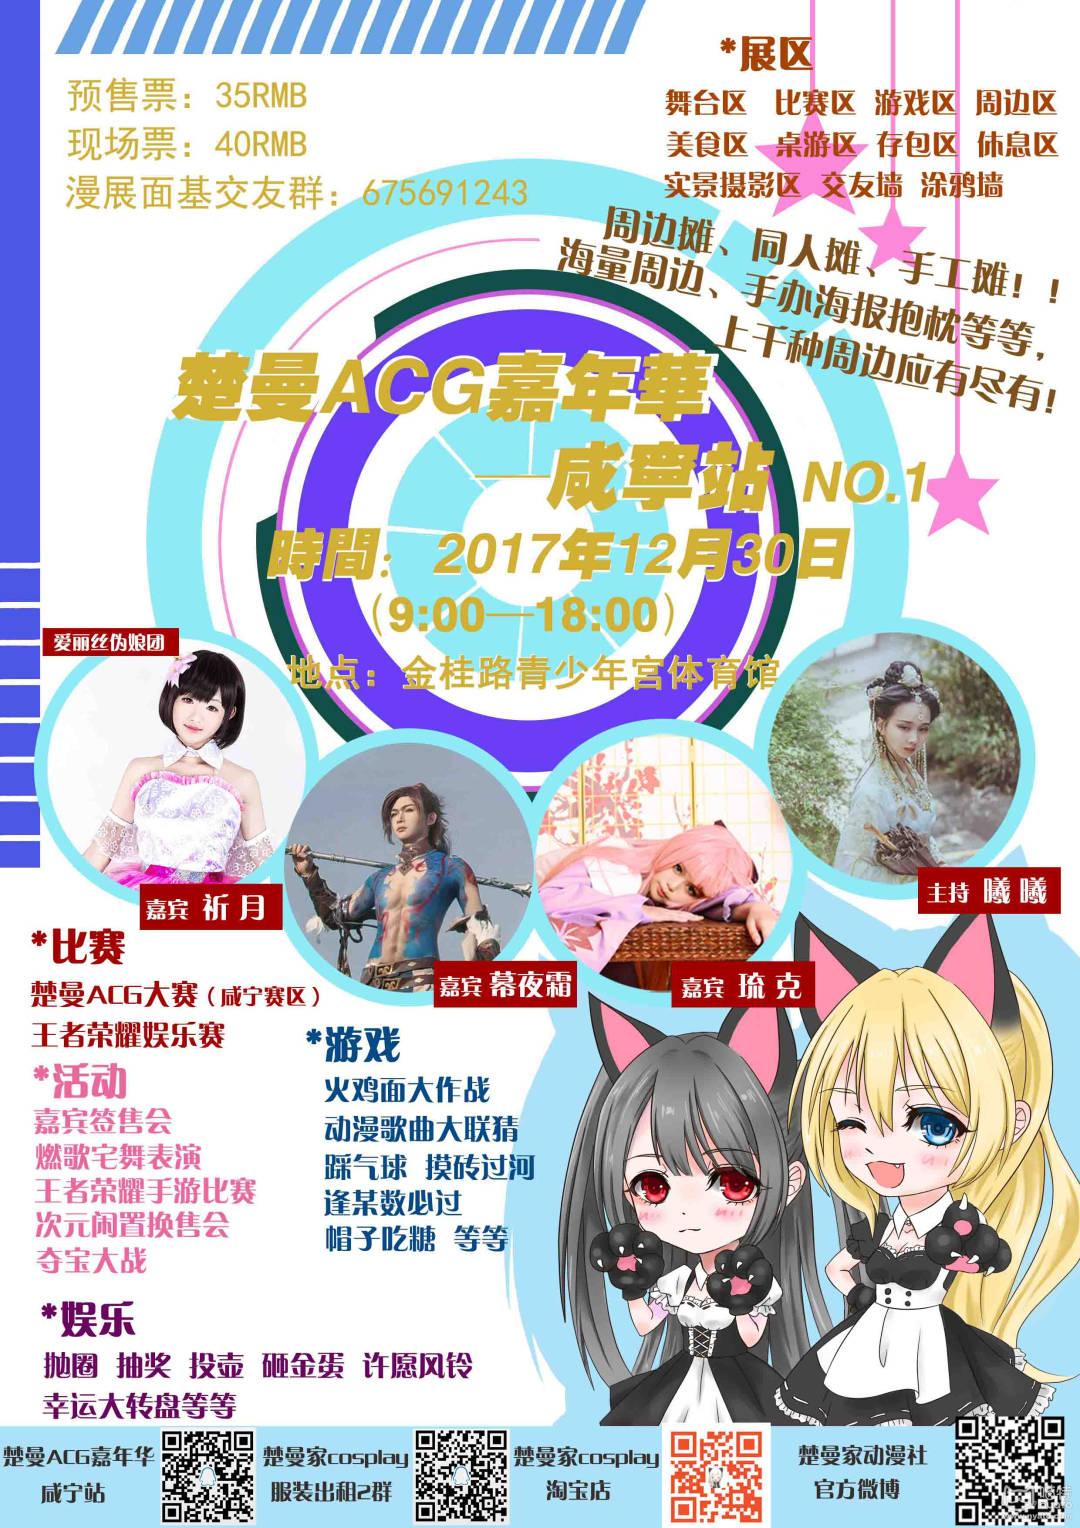 咸宁海报no.1.jpg